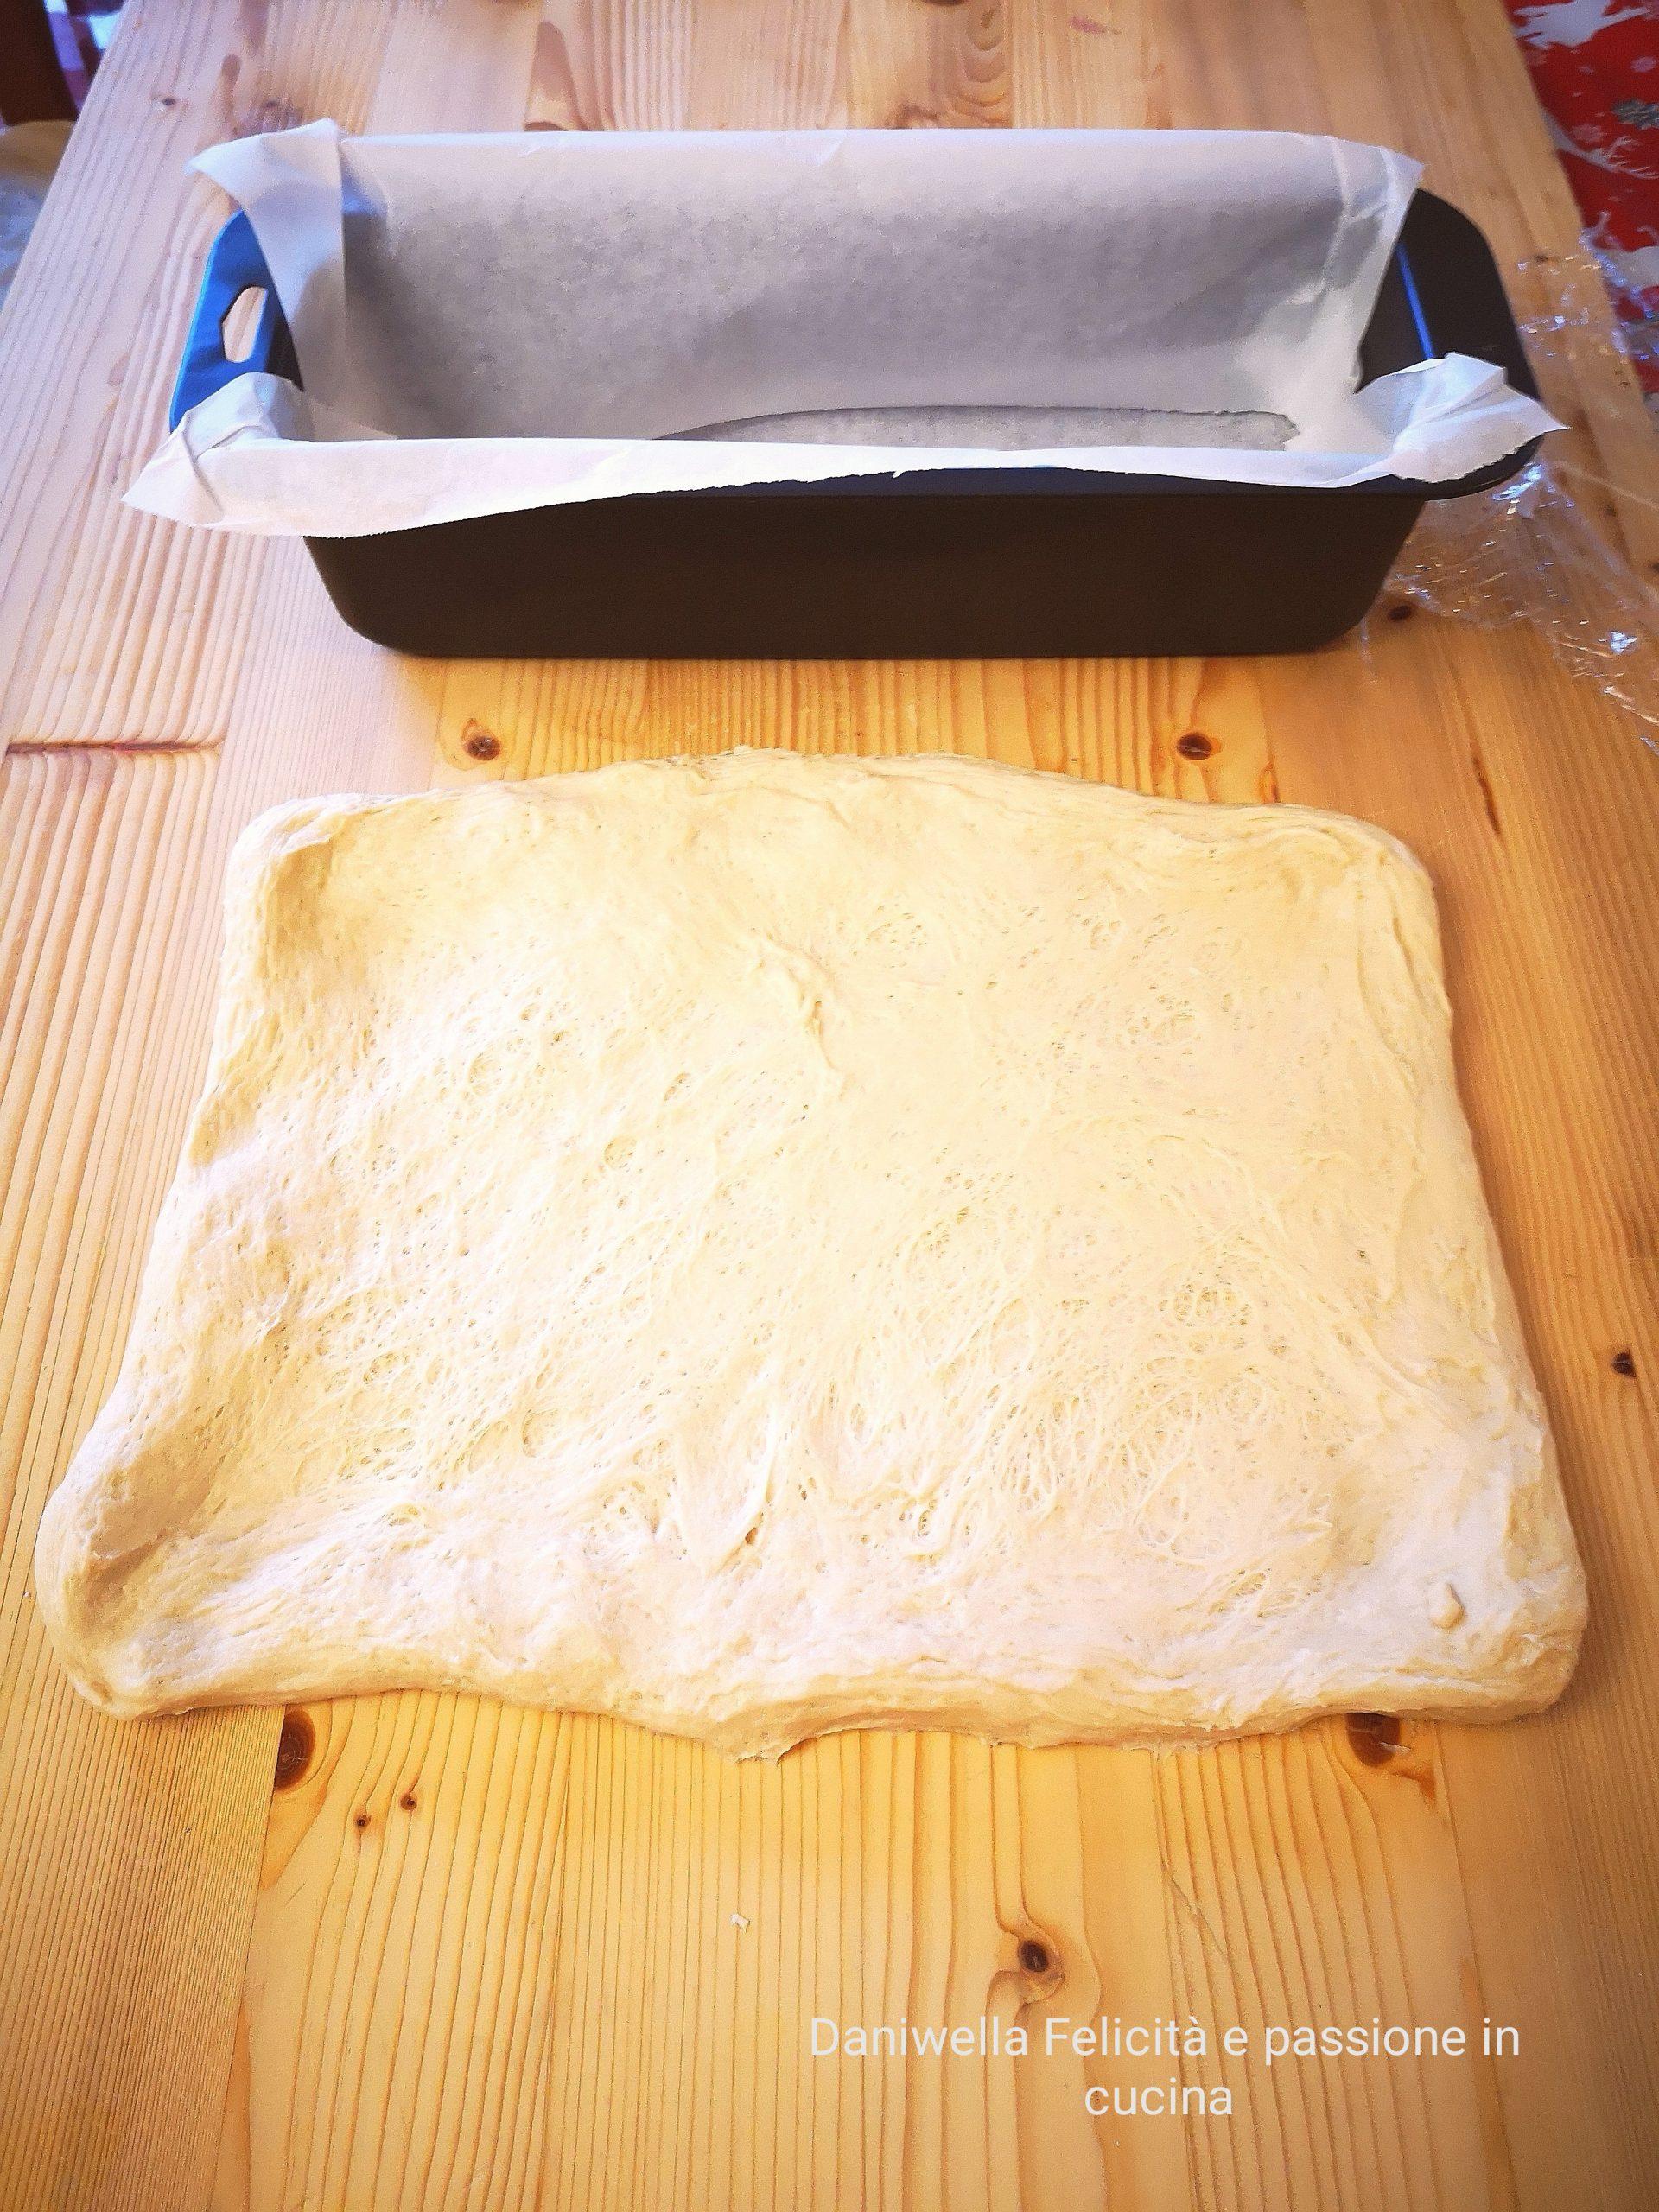 Rivestite di carta forno uno stampo da plumcake delle dimensioni di cm 30 x 10 x 8. Rovesciate l'impasto lievitato su una spianatoia, apritelo con le mani e realizzate un rettangolo. Una dimensione del rettangolo deve essere pari del lato lungo dello stampo.